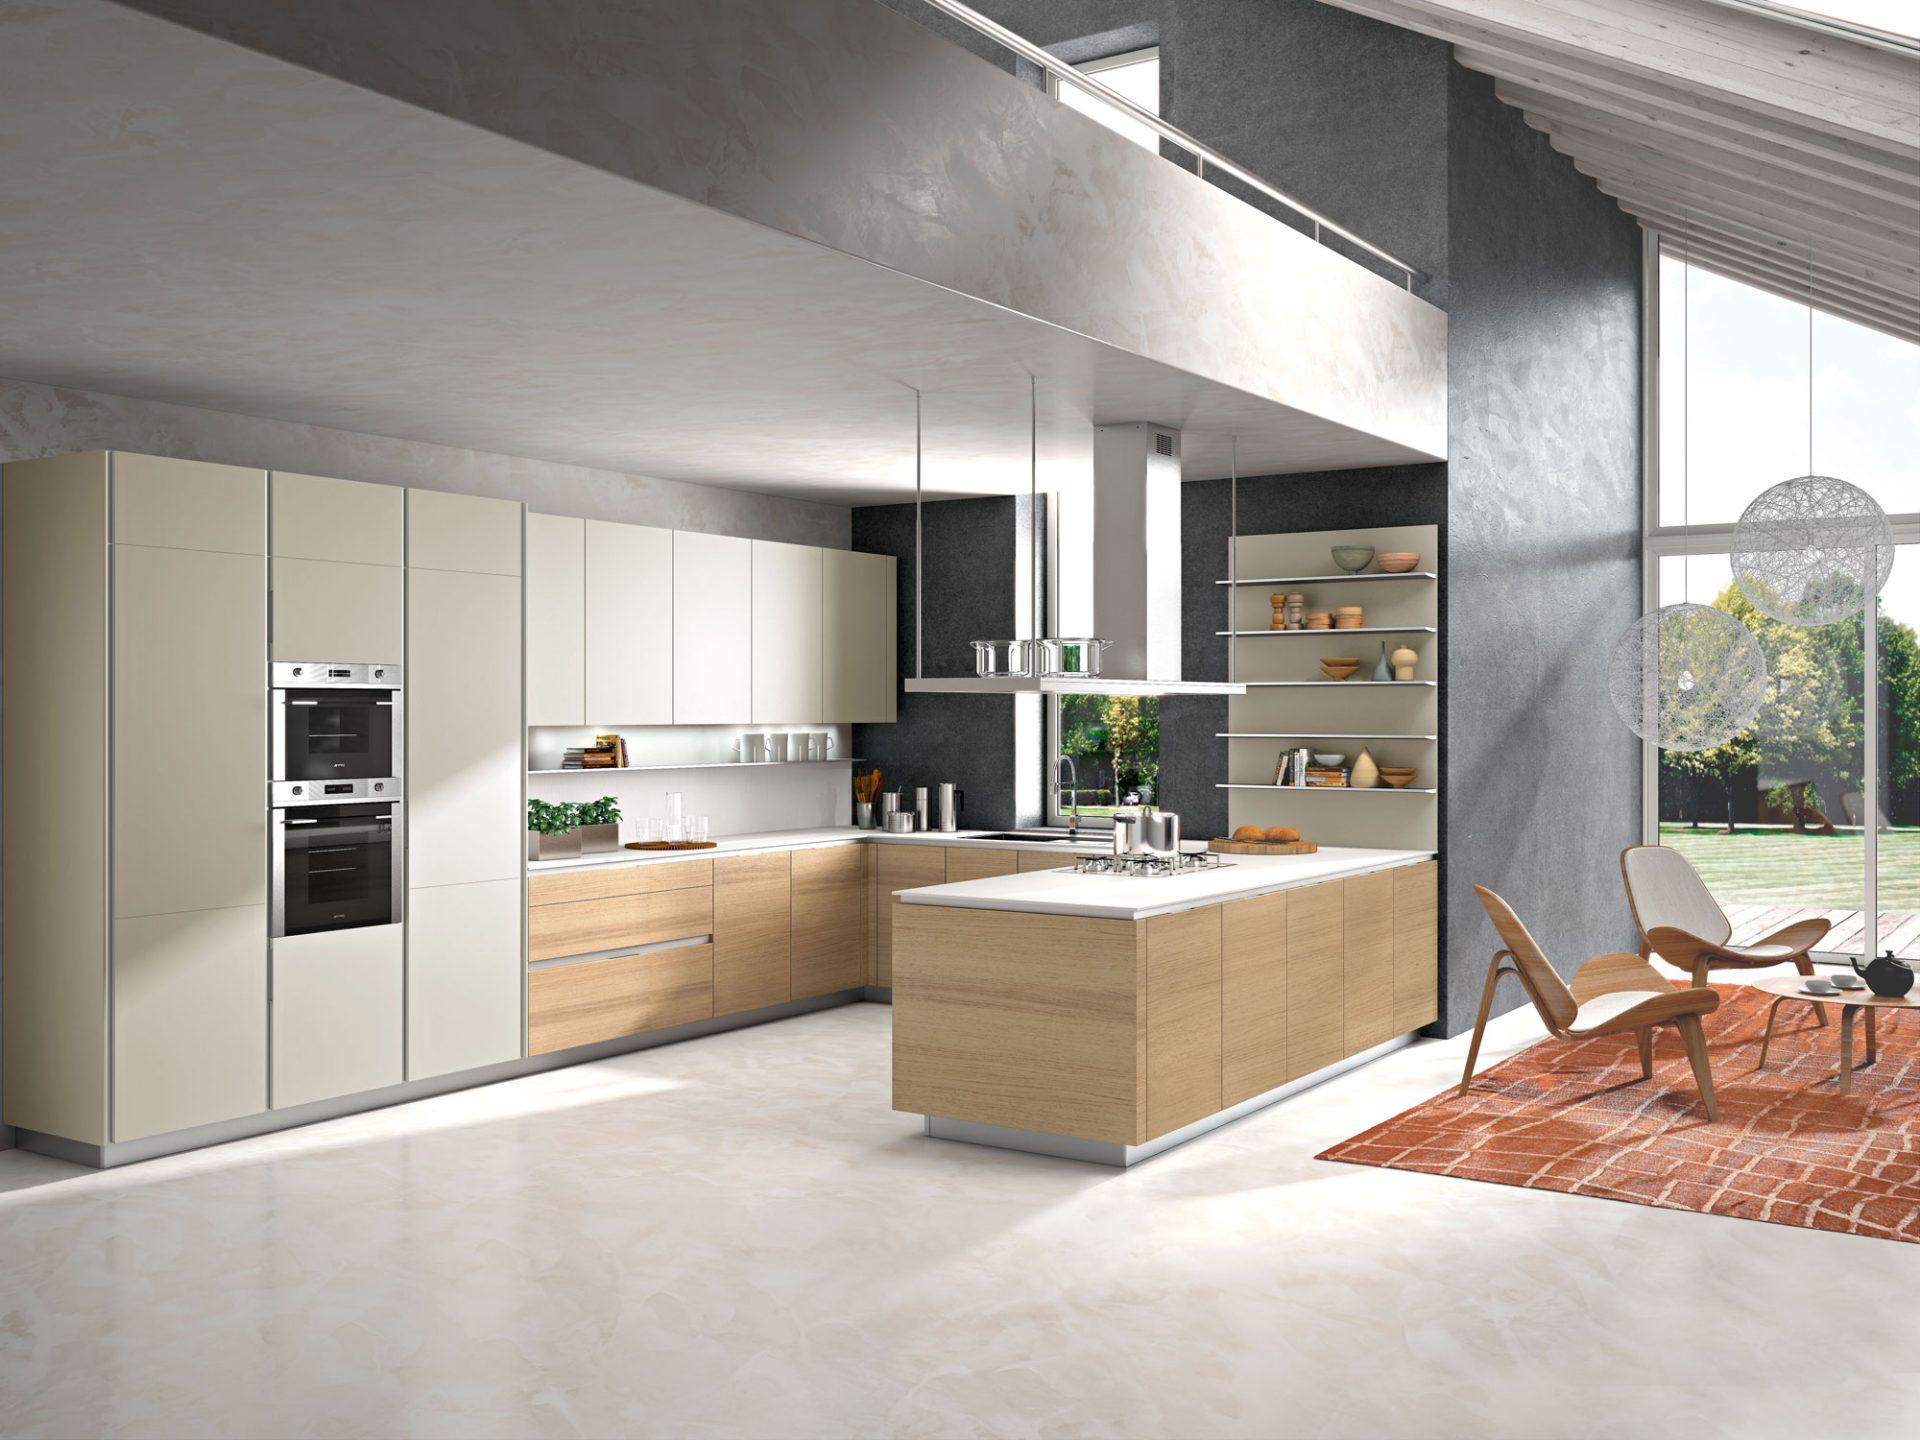 Cucina Snaidero mod. Orange - Riva - Architettura d\'Interni